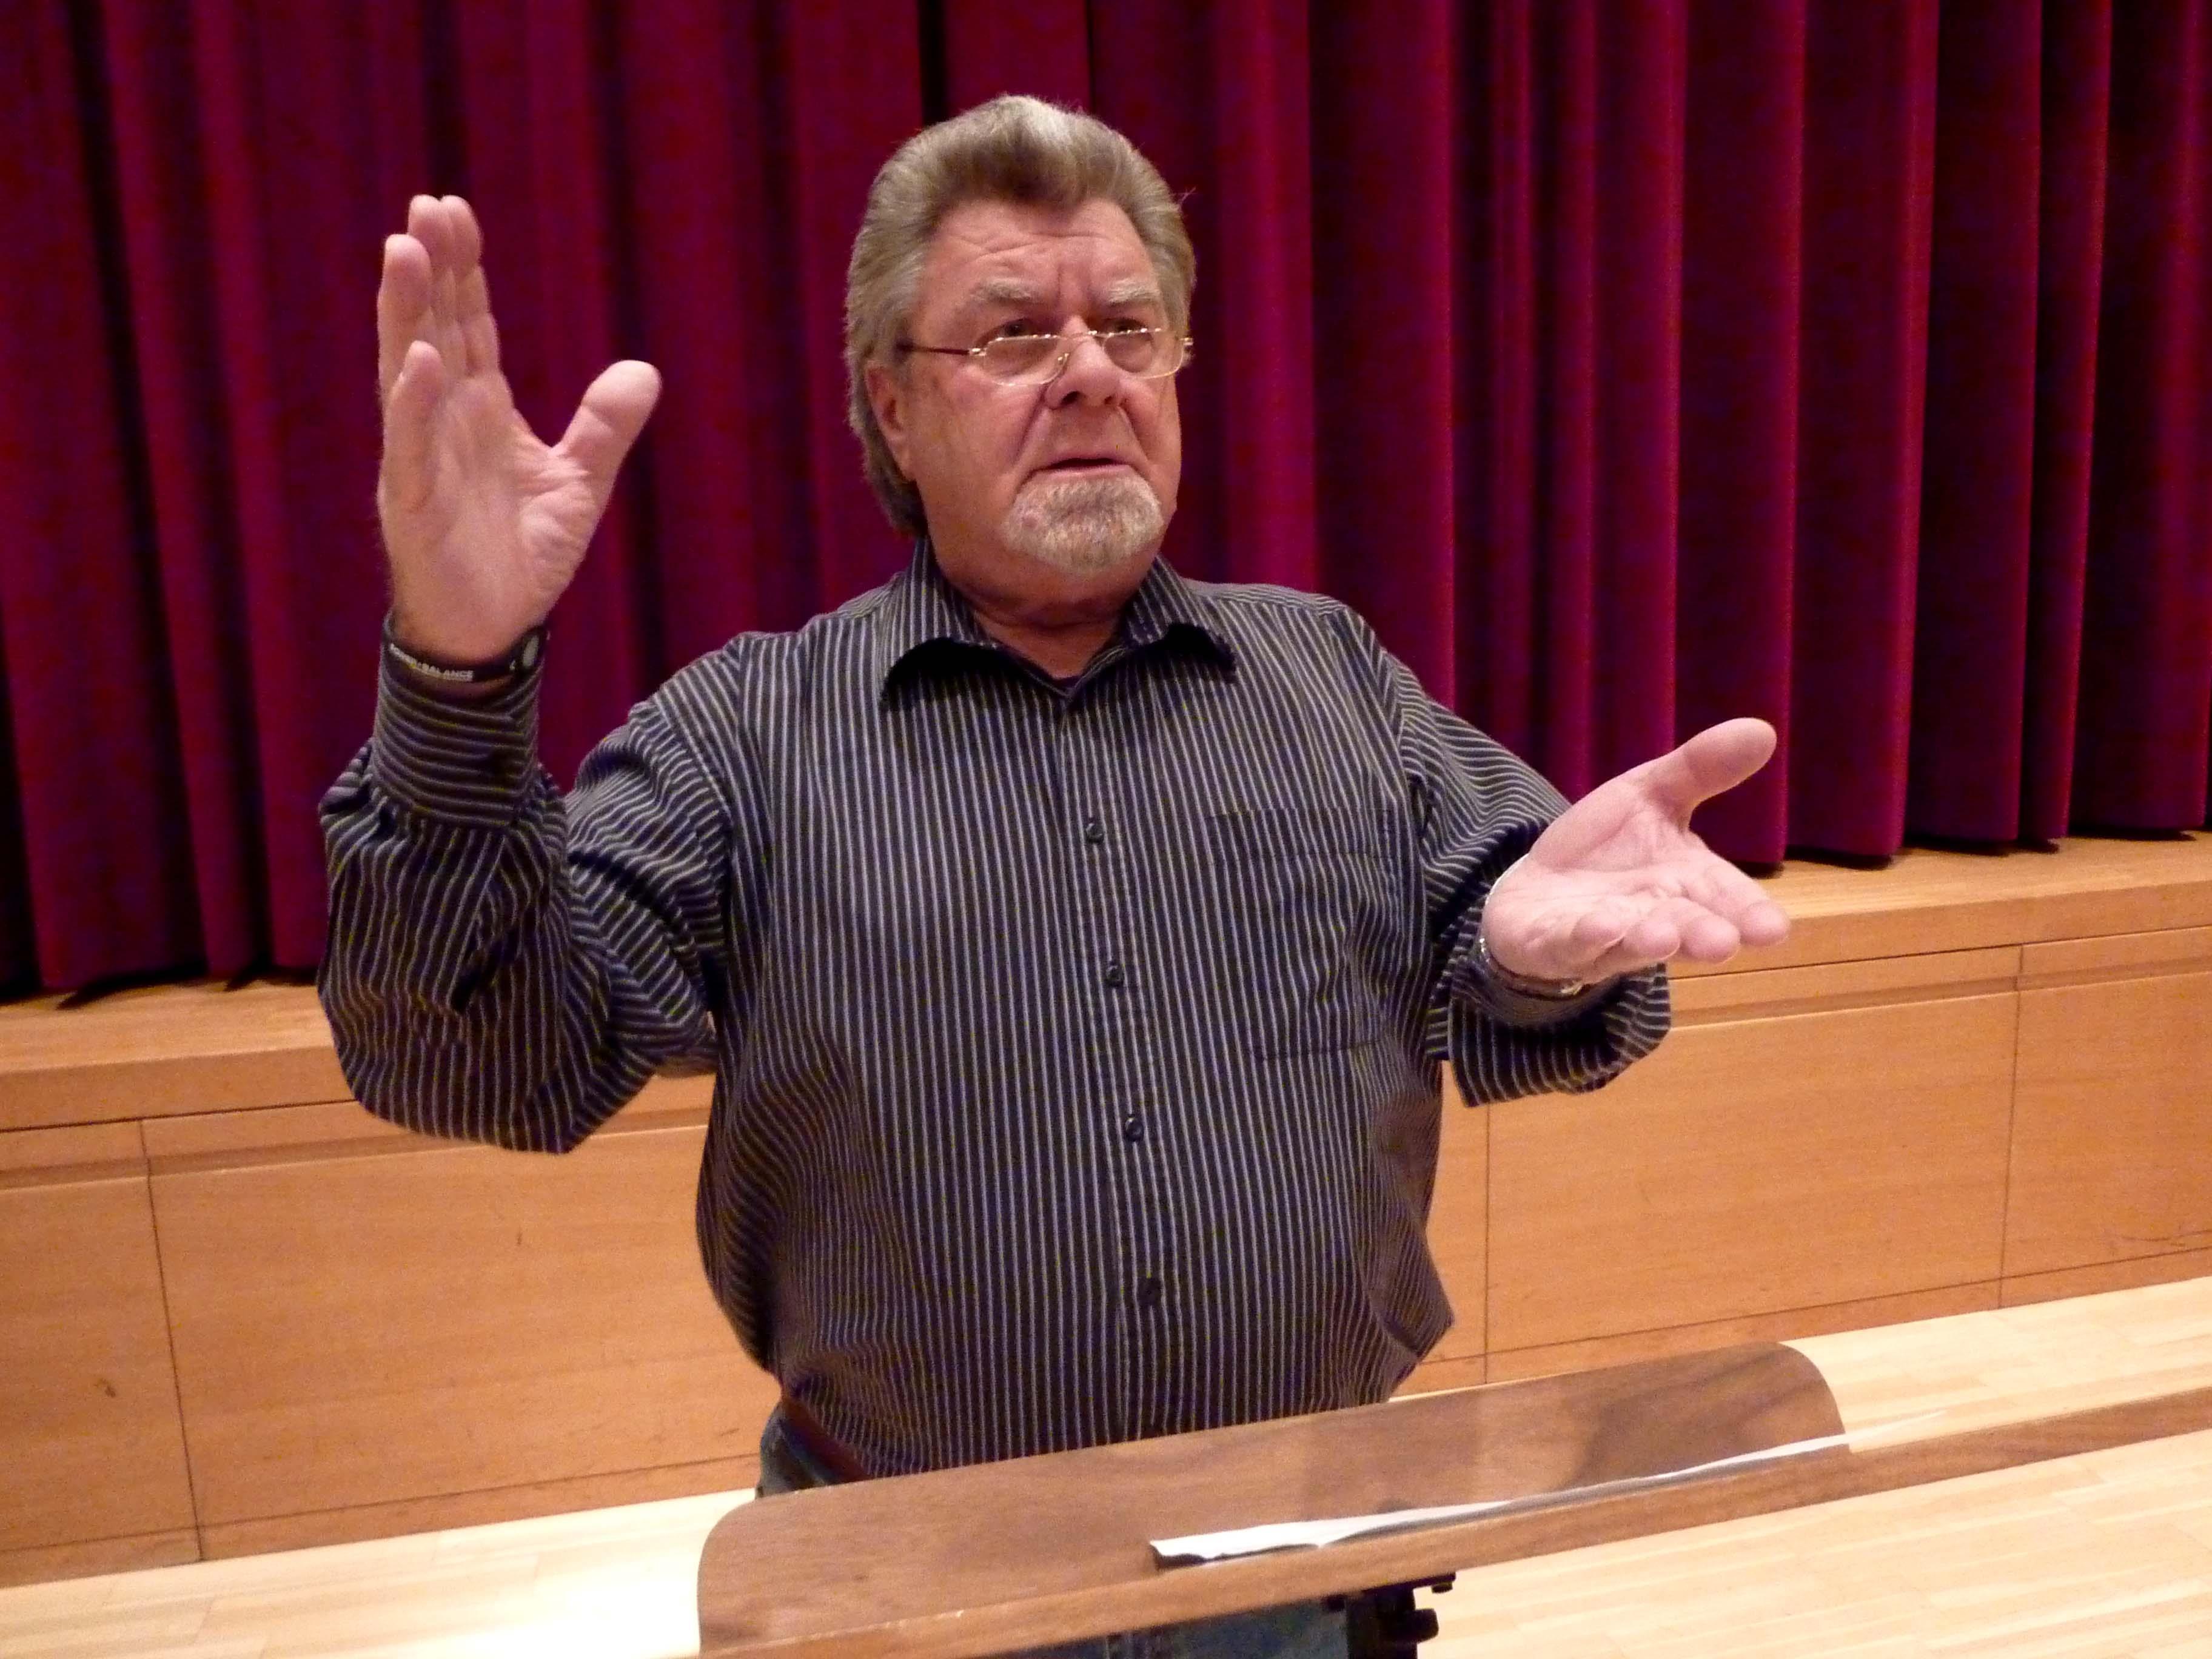 Der Götzner Herbert Heinzle ist einer, der den Kontakt zu den Menschen liebt.